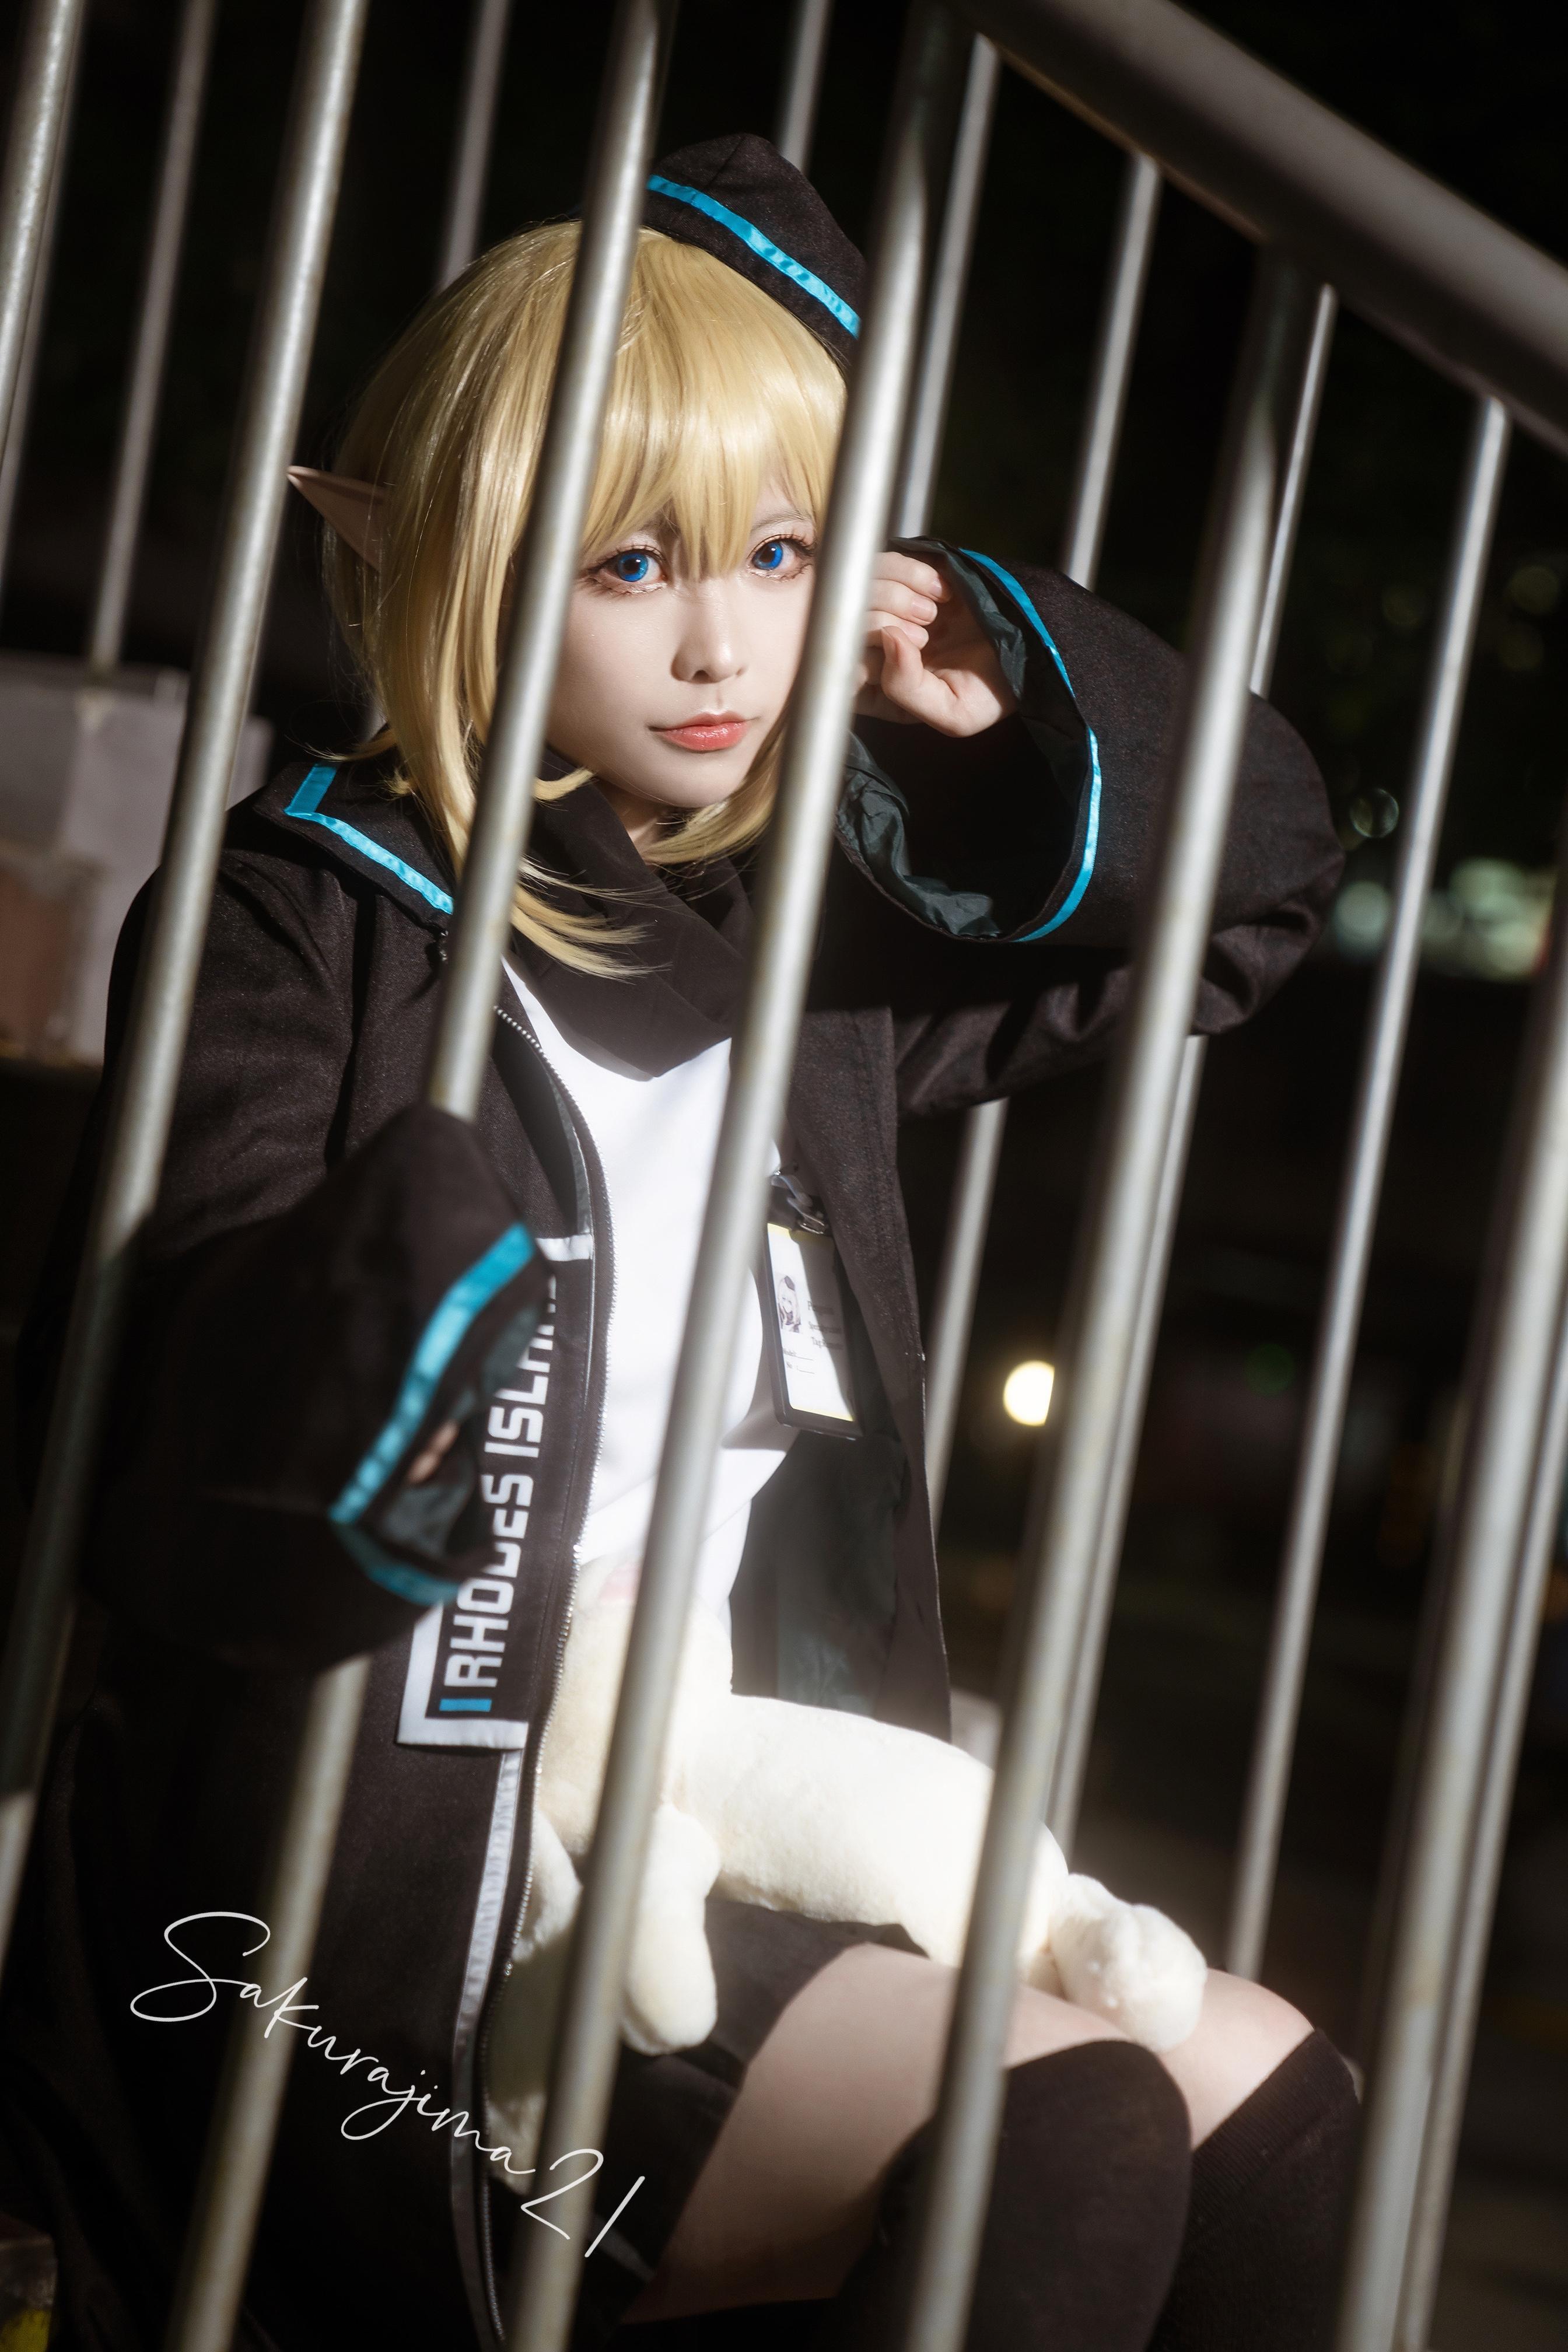 《明日方舟》正片cosplay【CN:樱岛嗷一】 -求这张cosplay图片的出处插图